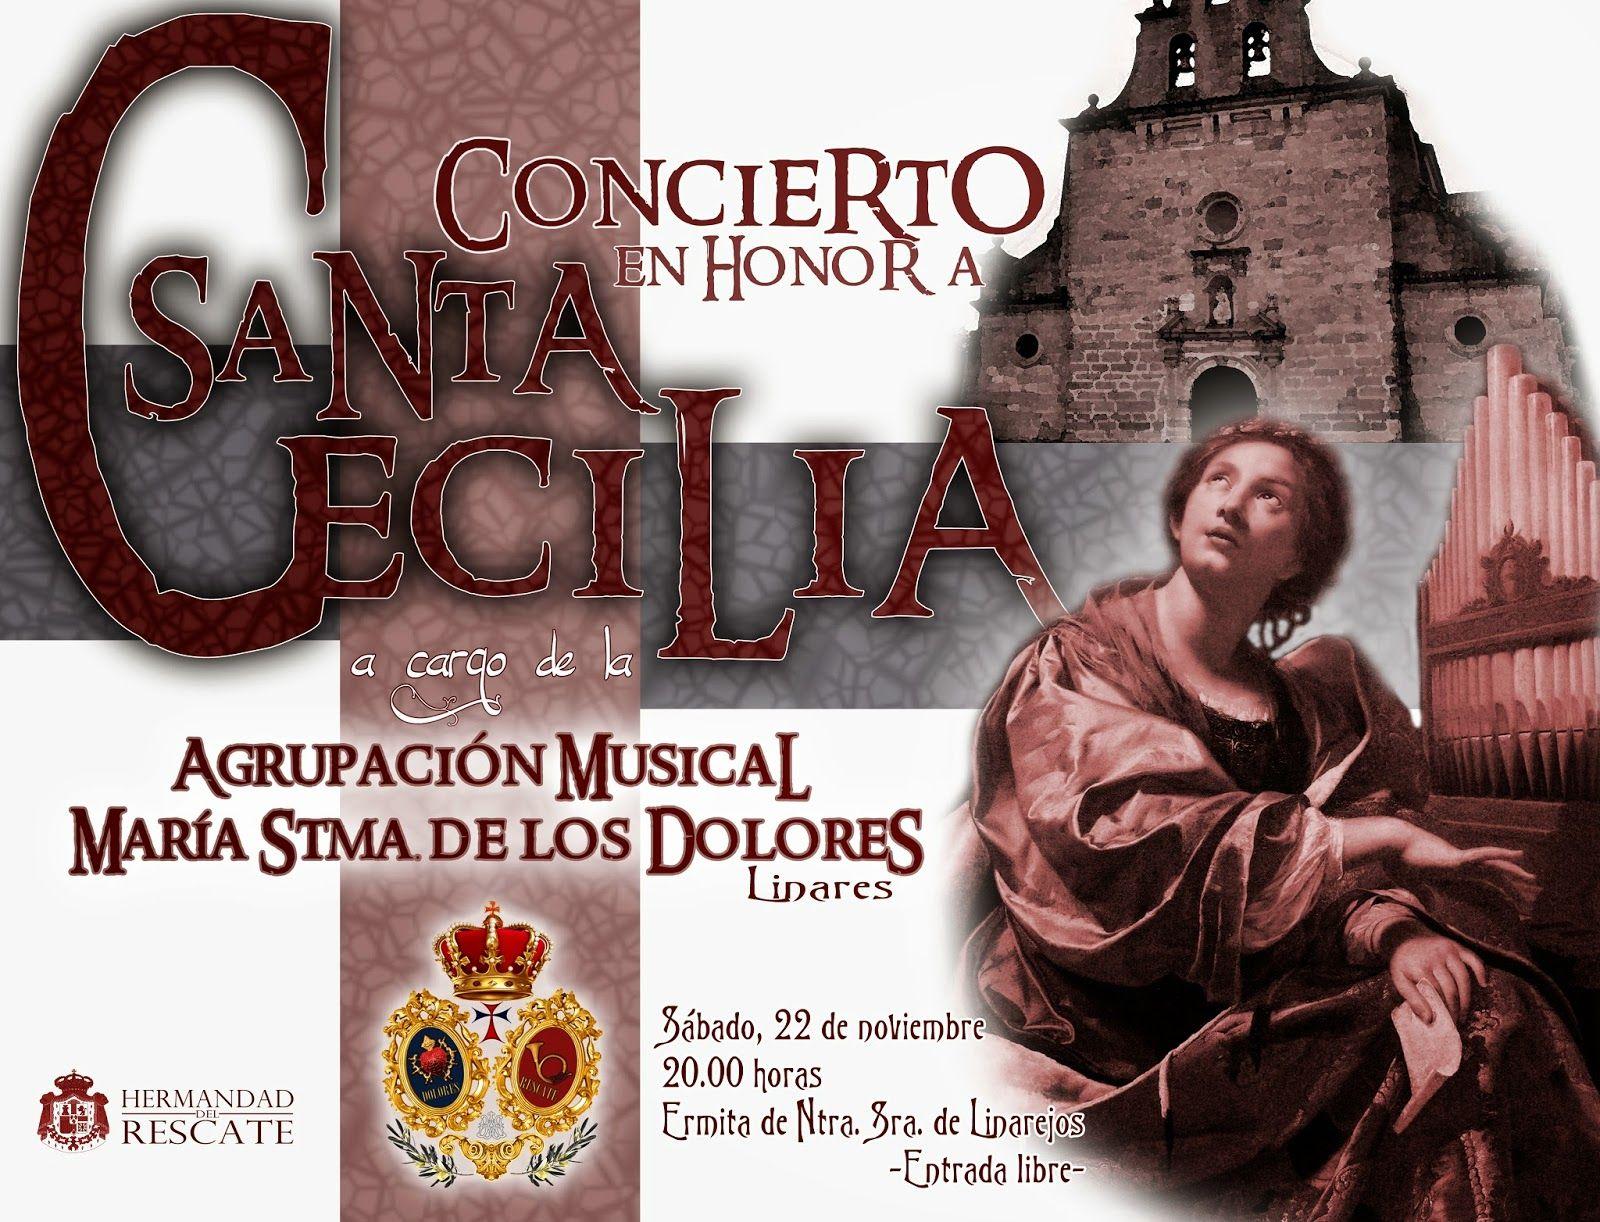 Concierto de Santa Cecilia de la Agrupación Musical María Stma. de los Dolores